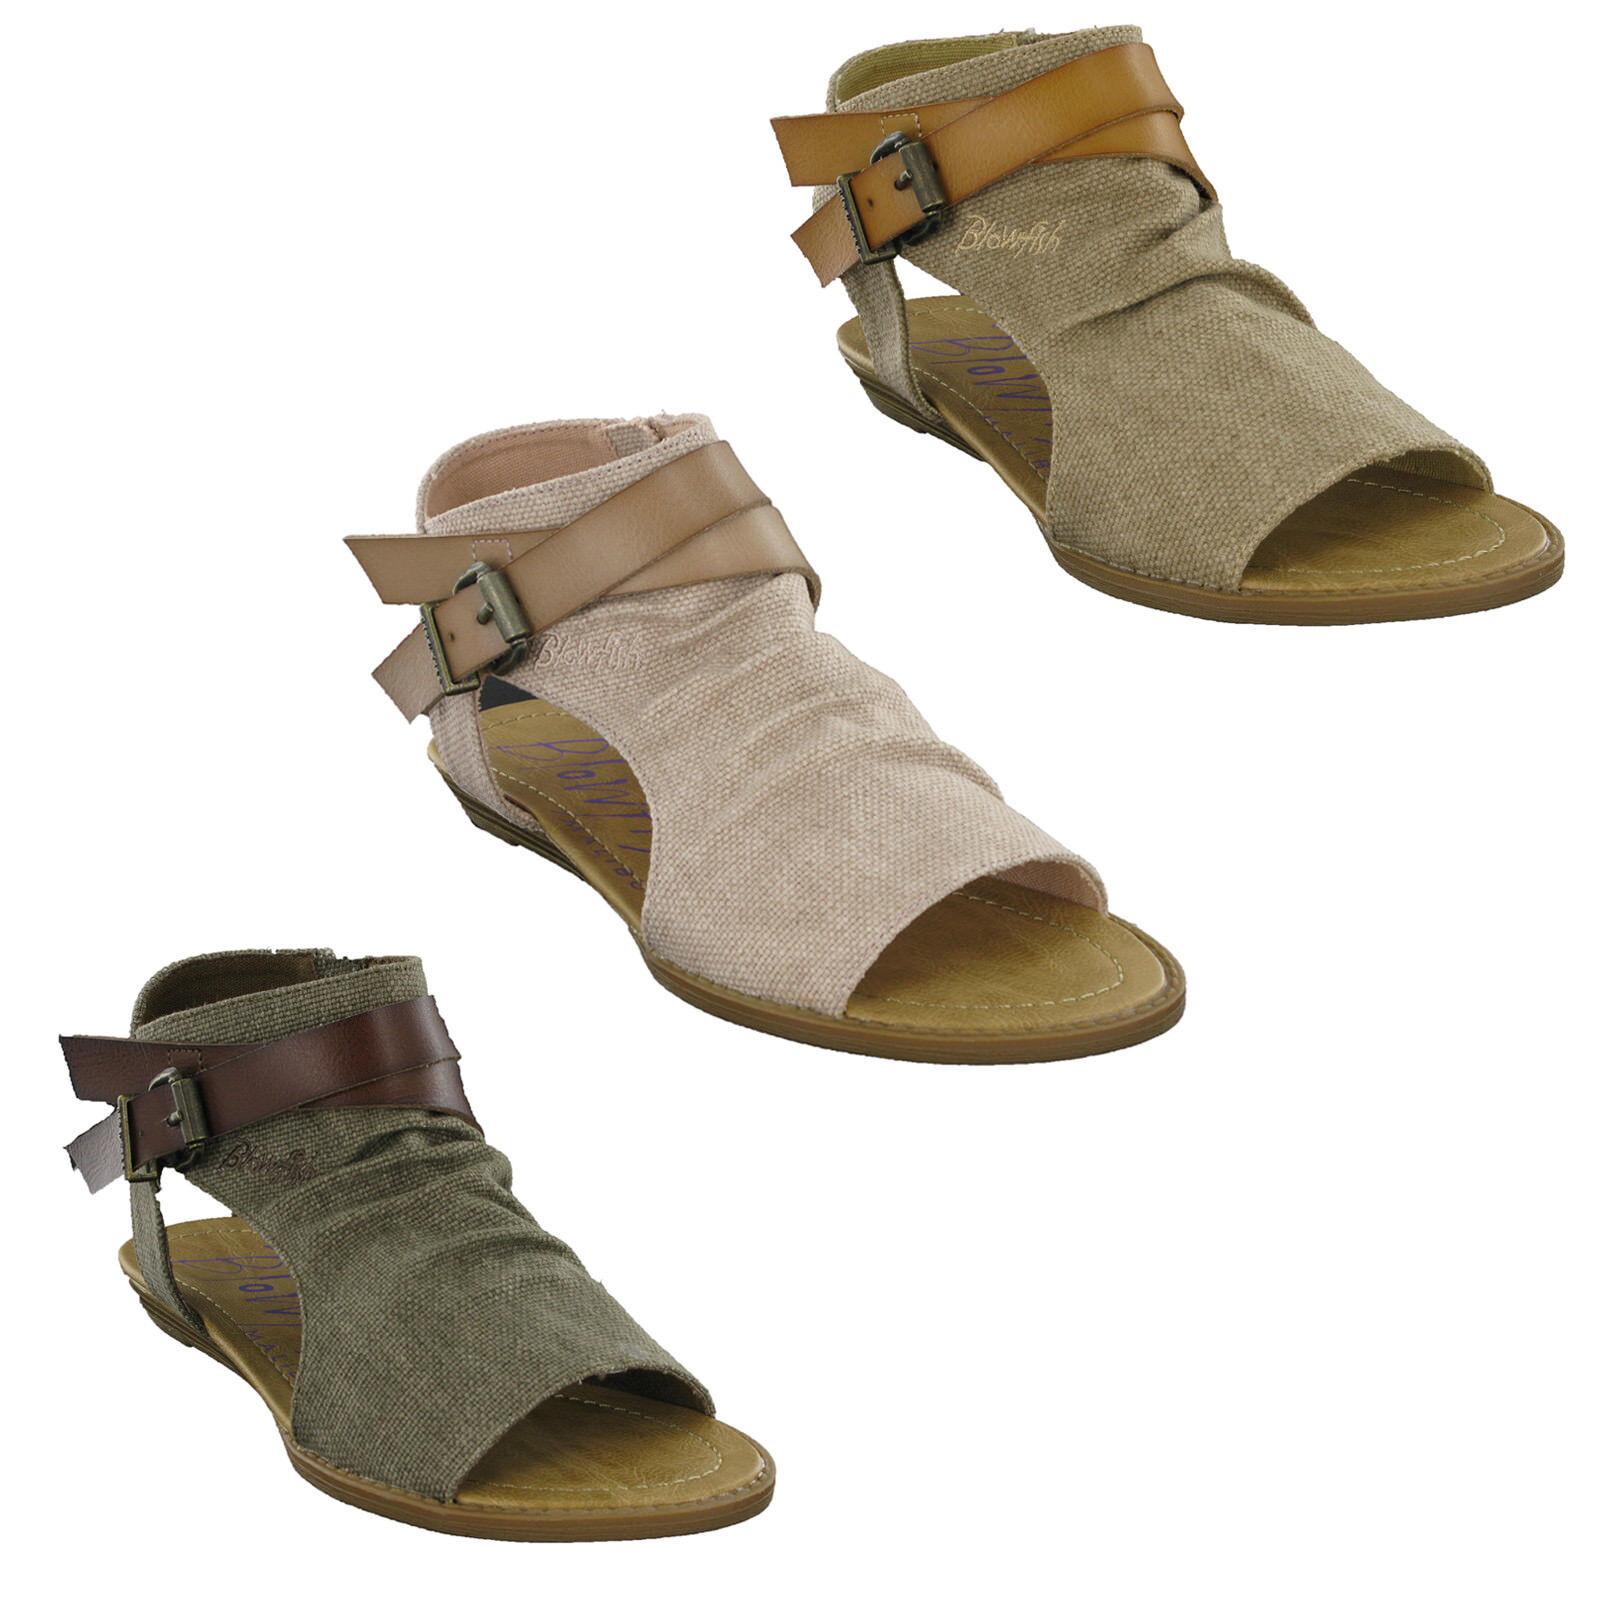 Blowfish Balla Flats Femmes Bout Ouvert Fashion Sandales décontractées à fermeture éclair Chaussures Pointure